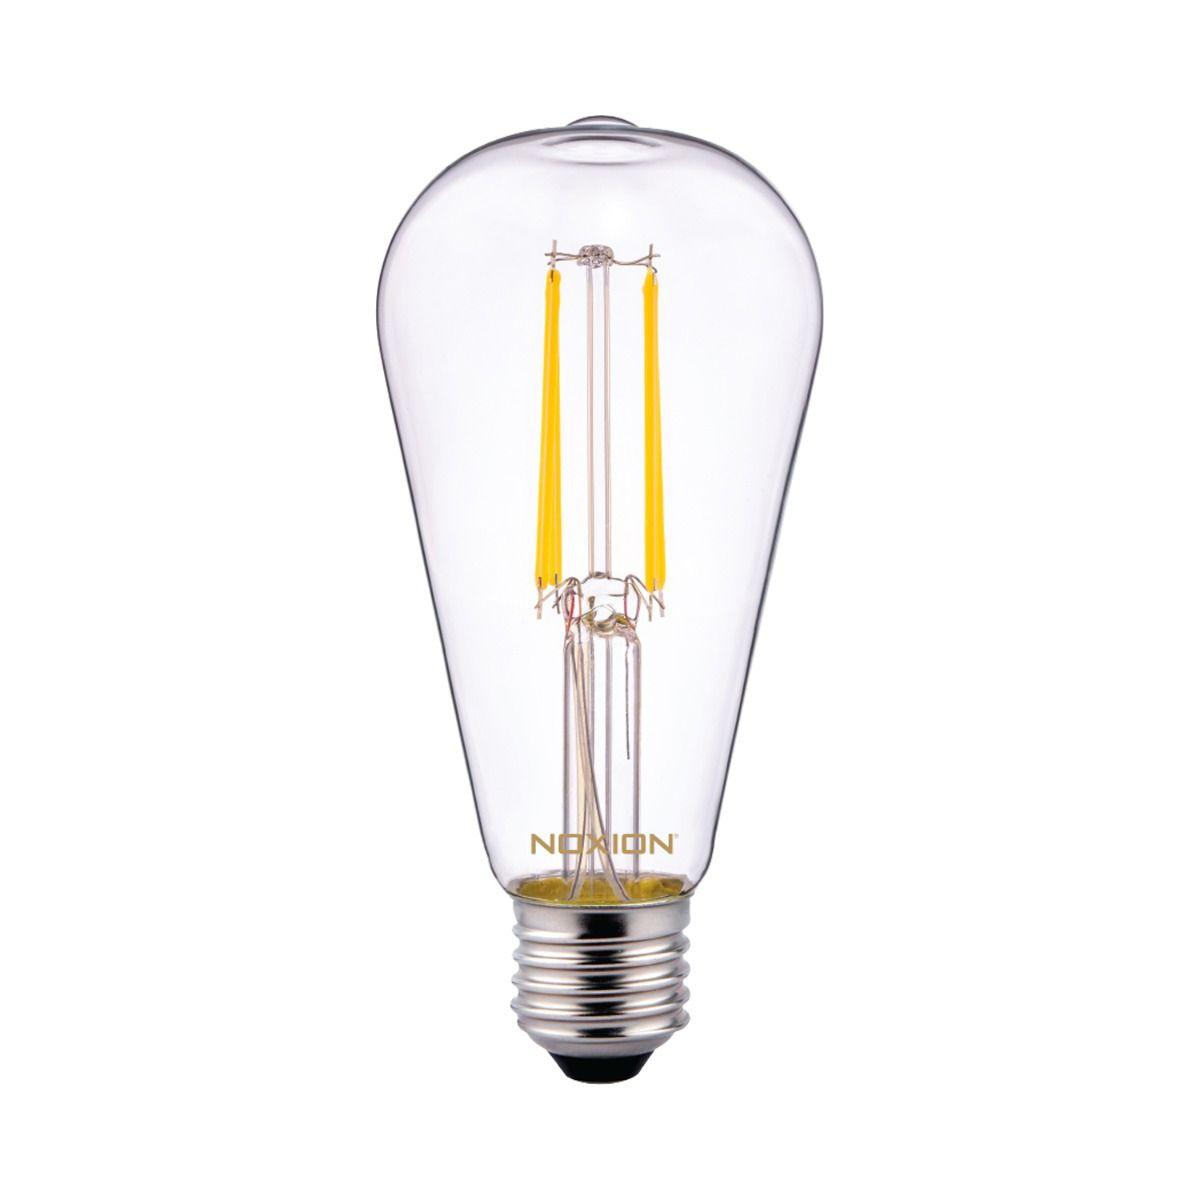 Noxion Lucent Klassiek LED Gloeilamp ST64 E27 6.5W 827 Helder   Vervanger voor 60W